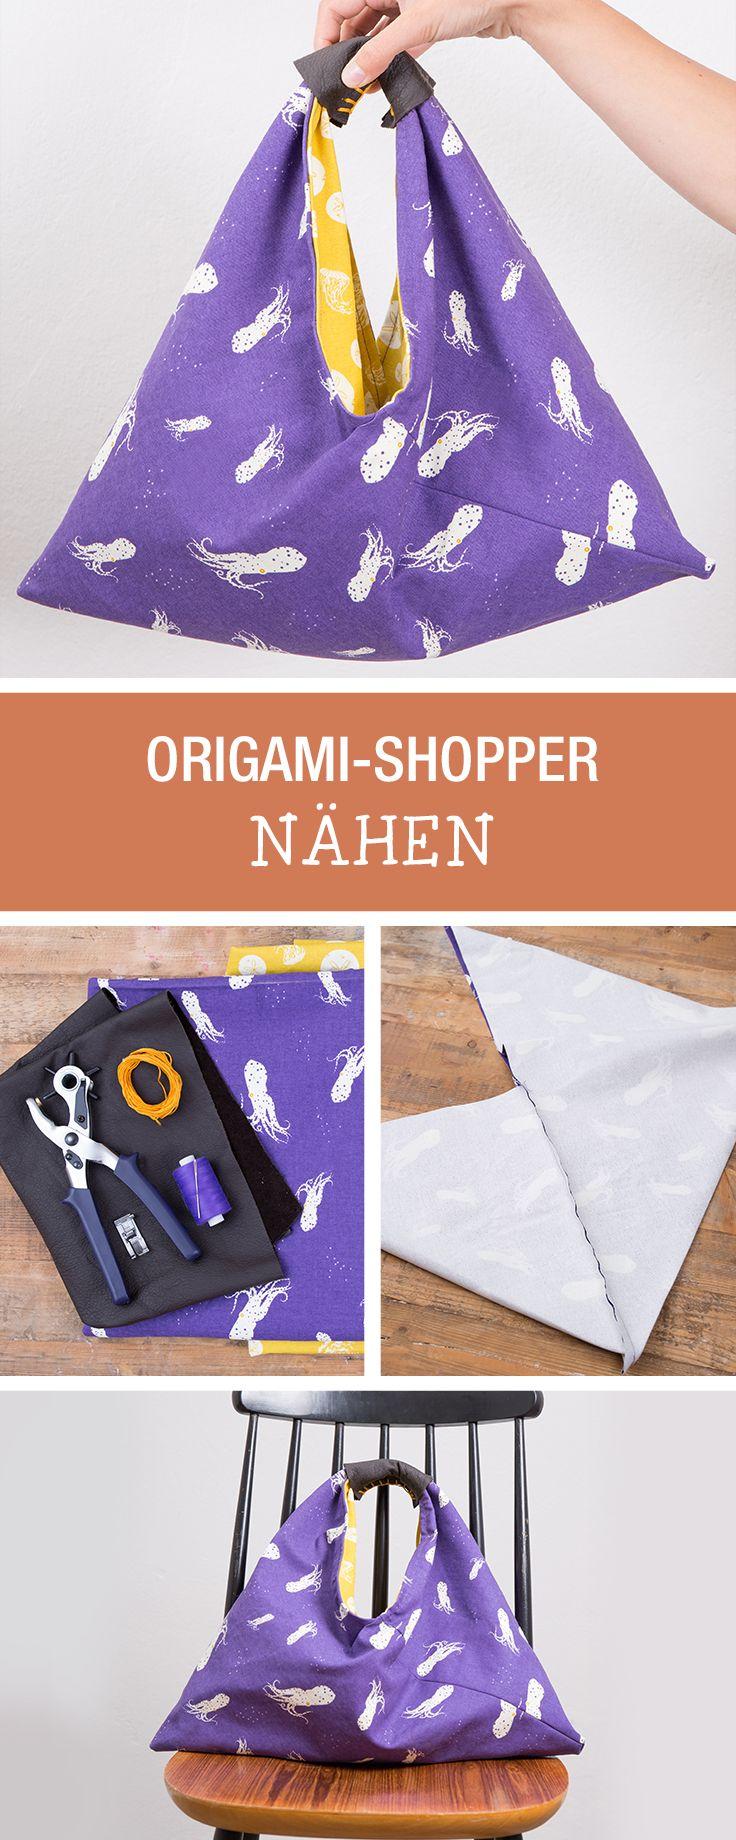 Nähanleitung für eine Wendetasche, Taschen selbernähen / sewing tutorial: orgiami shopper bag via DaWanda.com